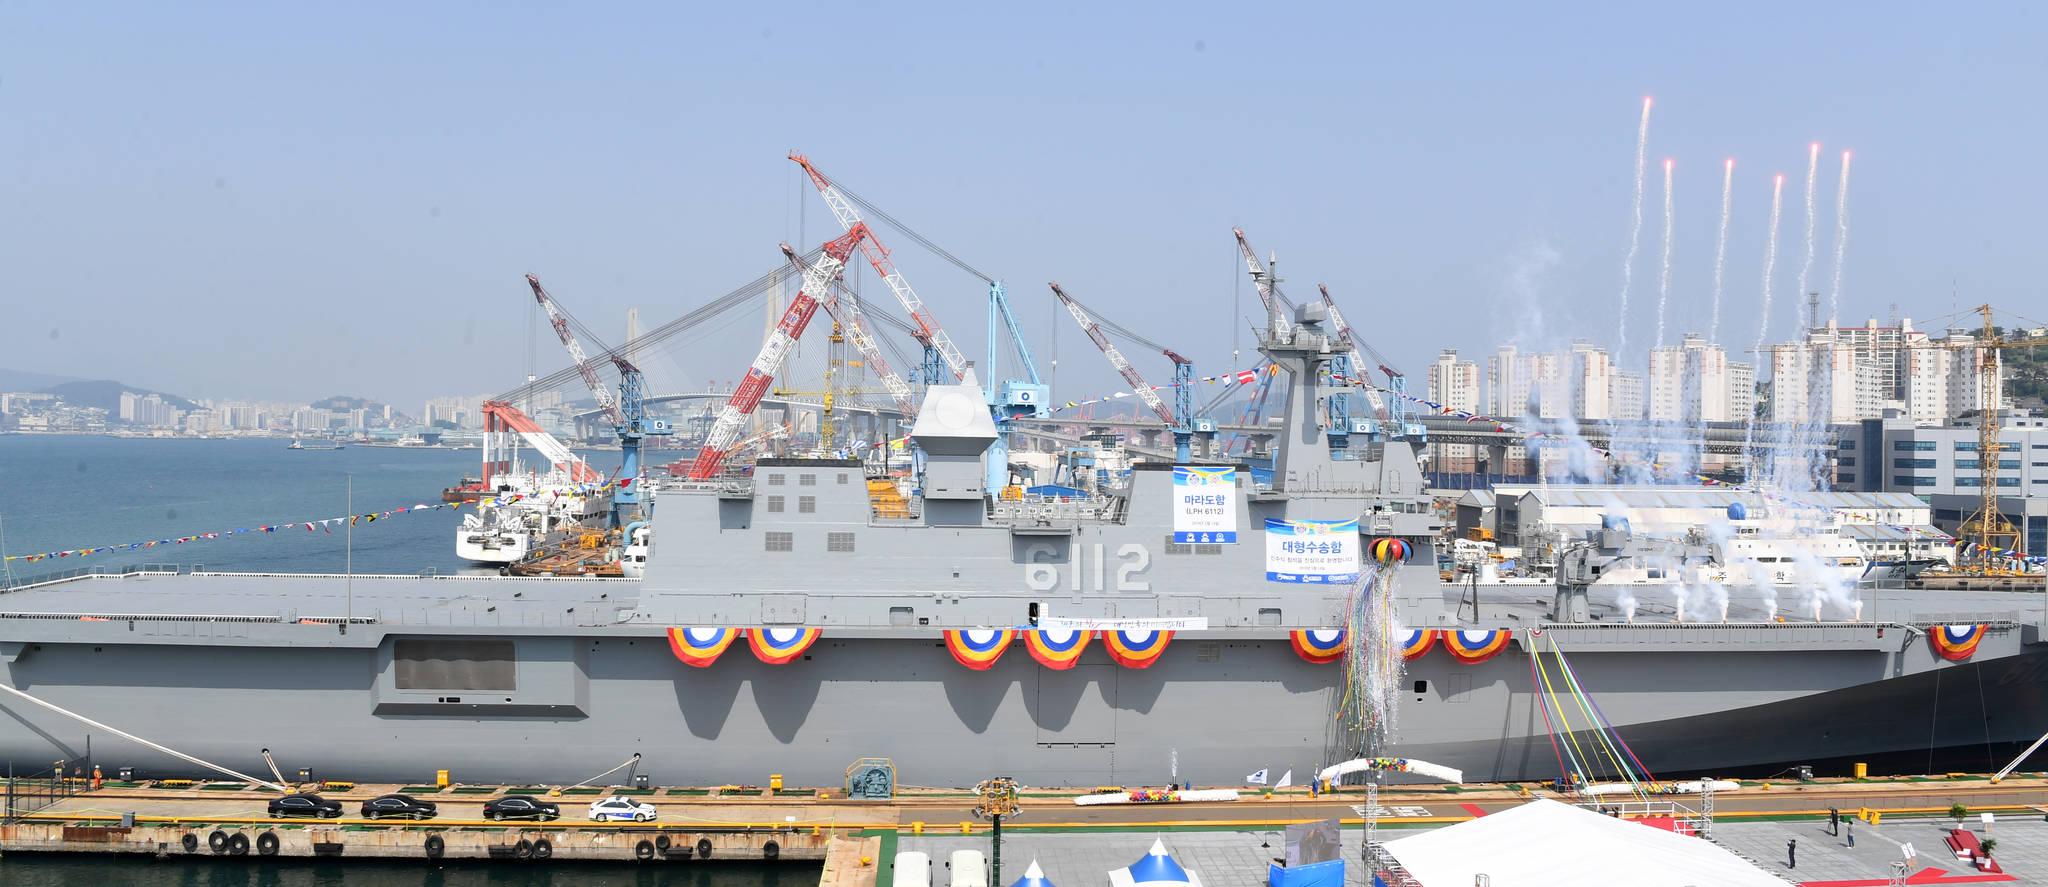 14일 오후 부산 영도구 한진중공업 영도조선소에서 독도함급 대형 수송함인 '마라도함'(LPH-6112) 진수식이 열리고 있다. 연합뉴스